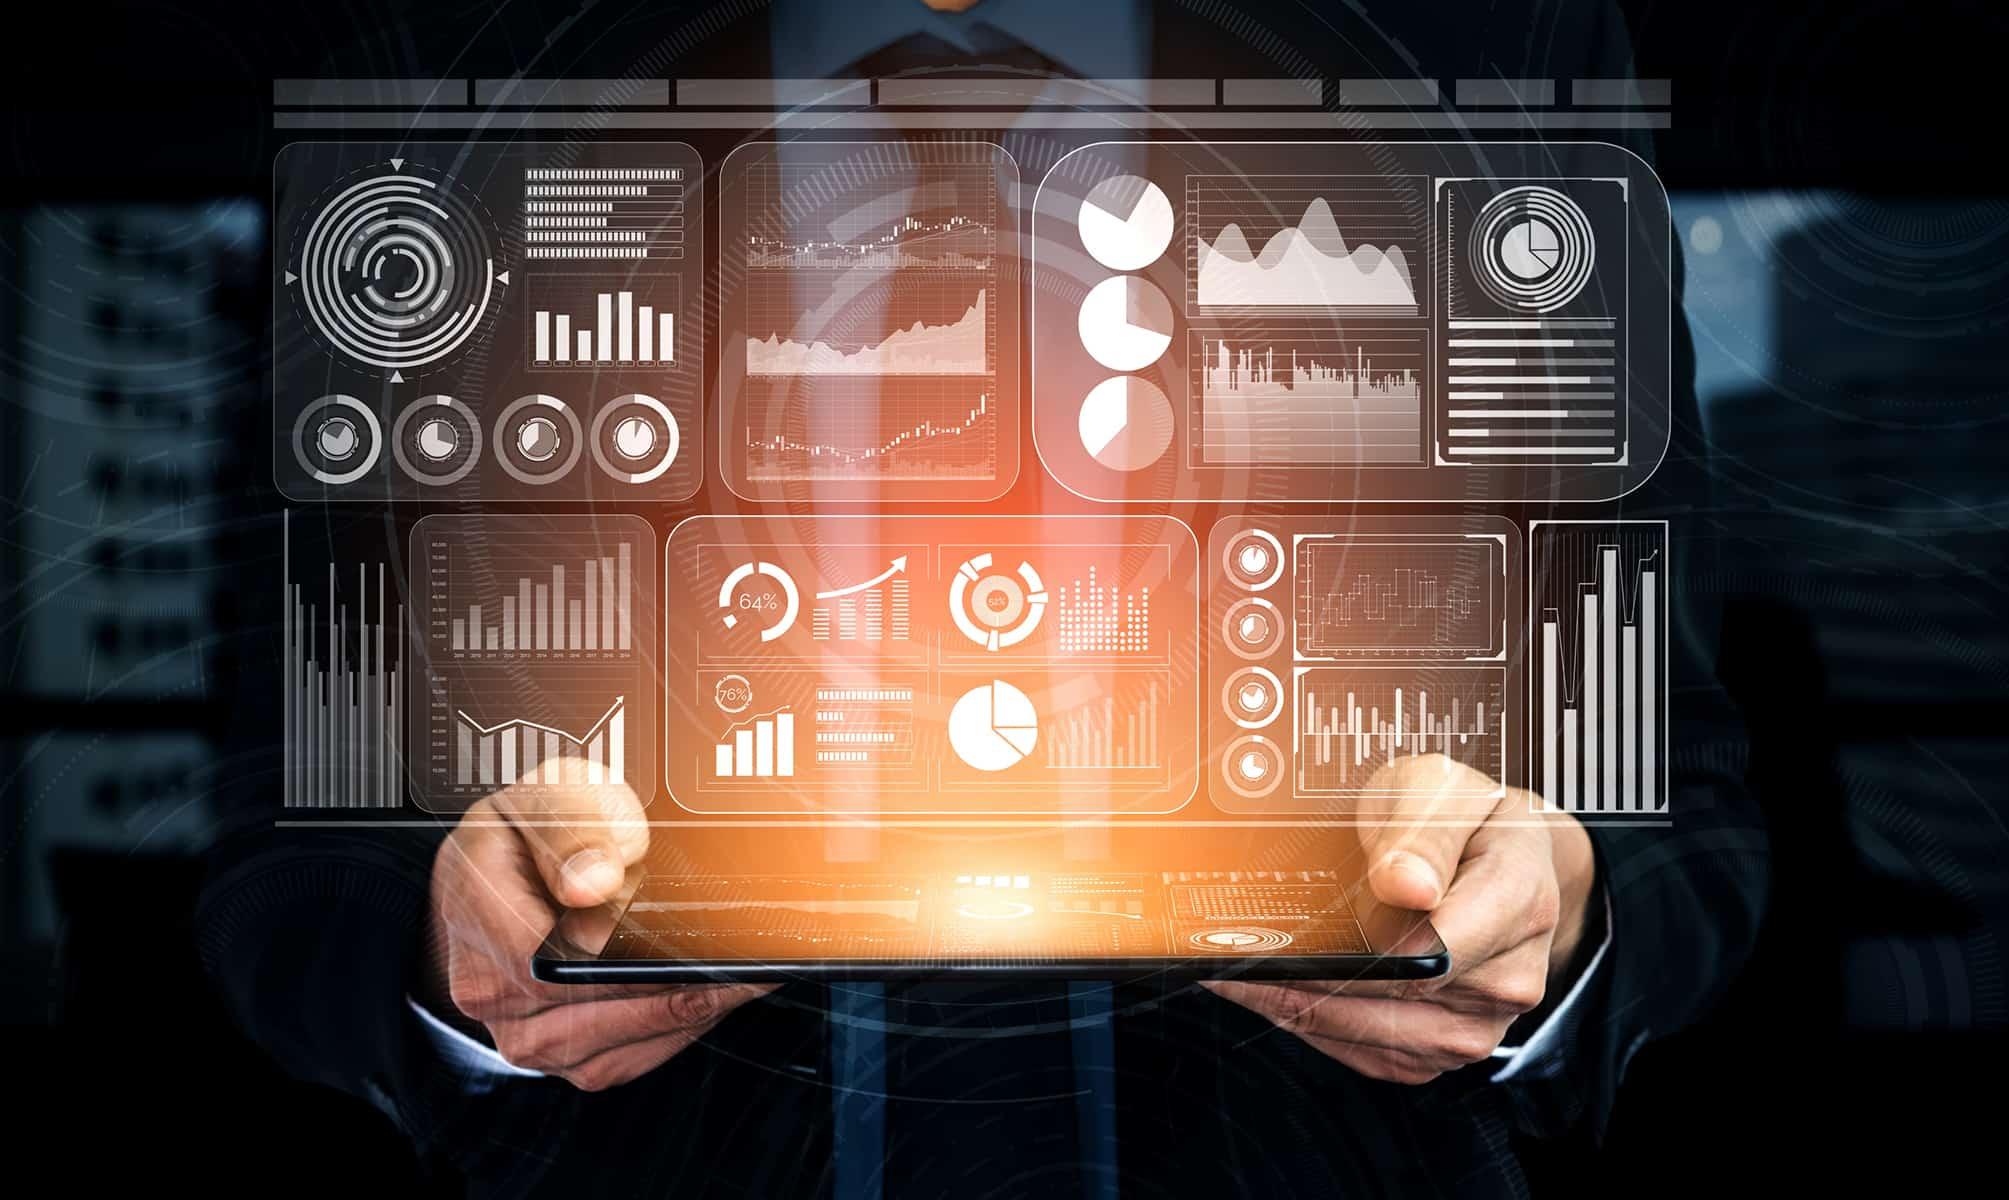 Data Science for Marketing – 9 ข้อดีการใช้ดาต้ากับงานการตลาดและธุรกิจ